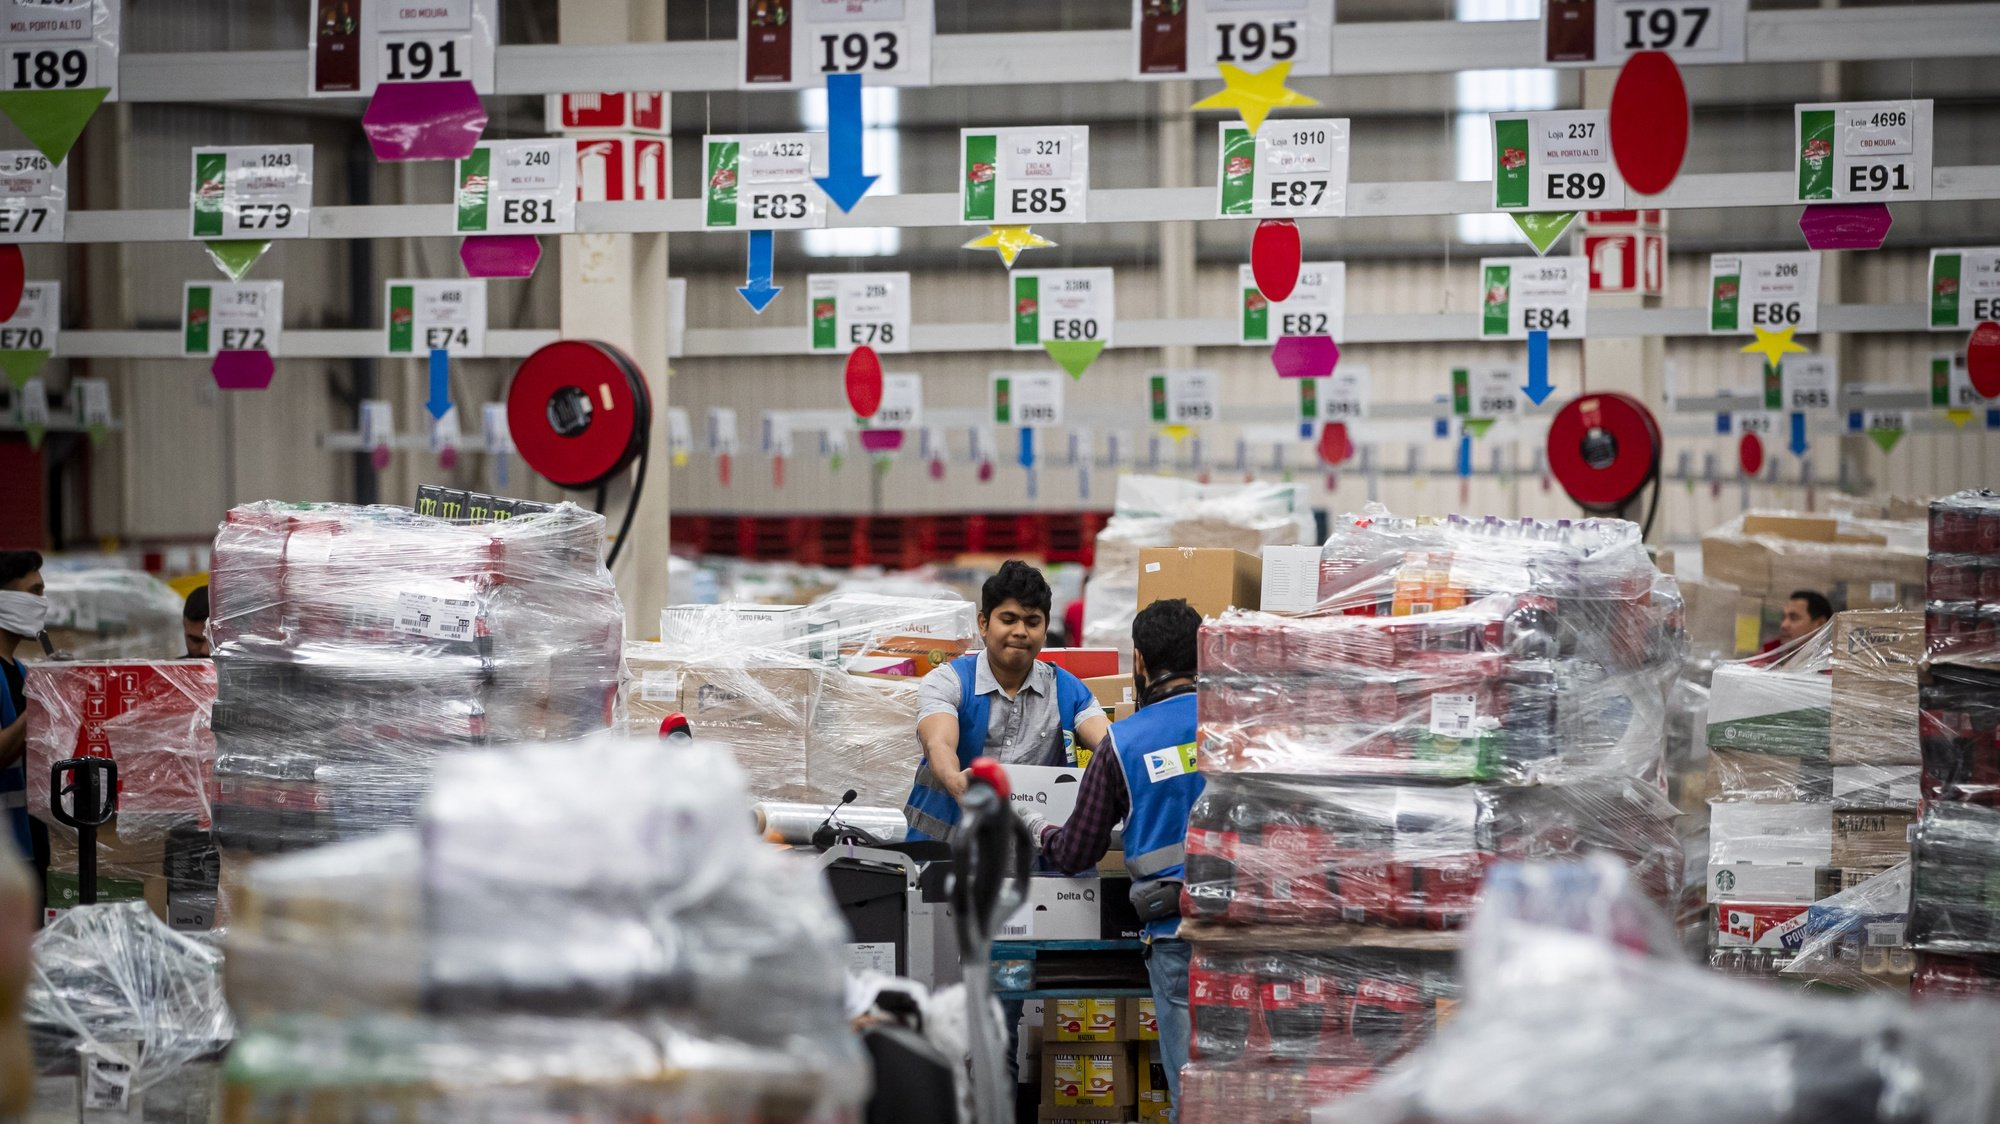 Funcionários do centro de distribuição da Sonae, na Azambuja, trabalham de forma contínua no processamento de encomendas para distribuir pelas lojas da empresa em pleno estado de emergência no país devido à pandemia da covid-19, Azambuja, 26 de março de 2020.  (ACOMPANHA TEXTO DE 27/03/2020) JOSÉ SENA GOULÃO/LUSA